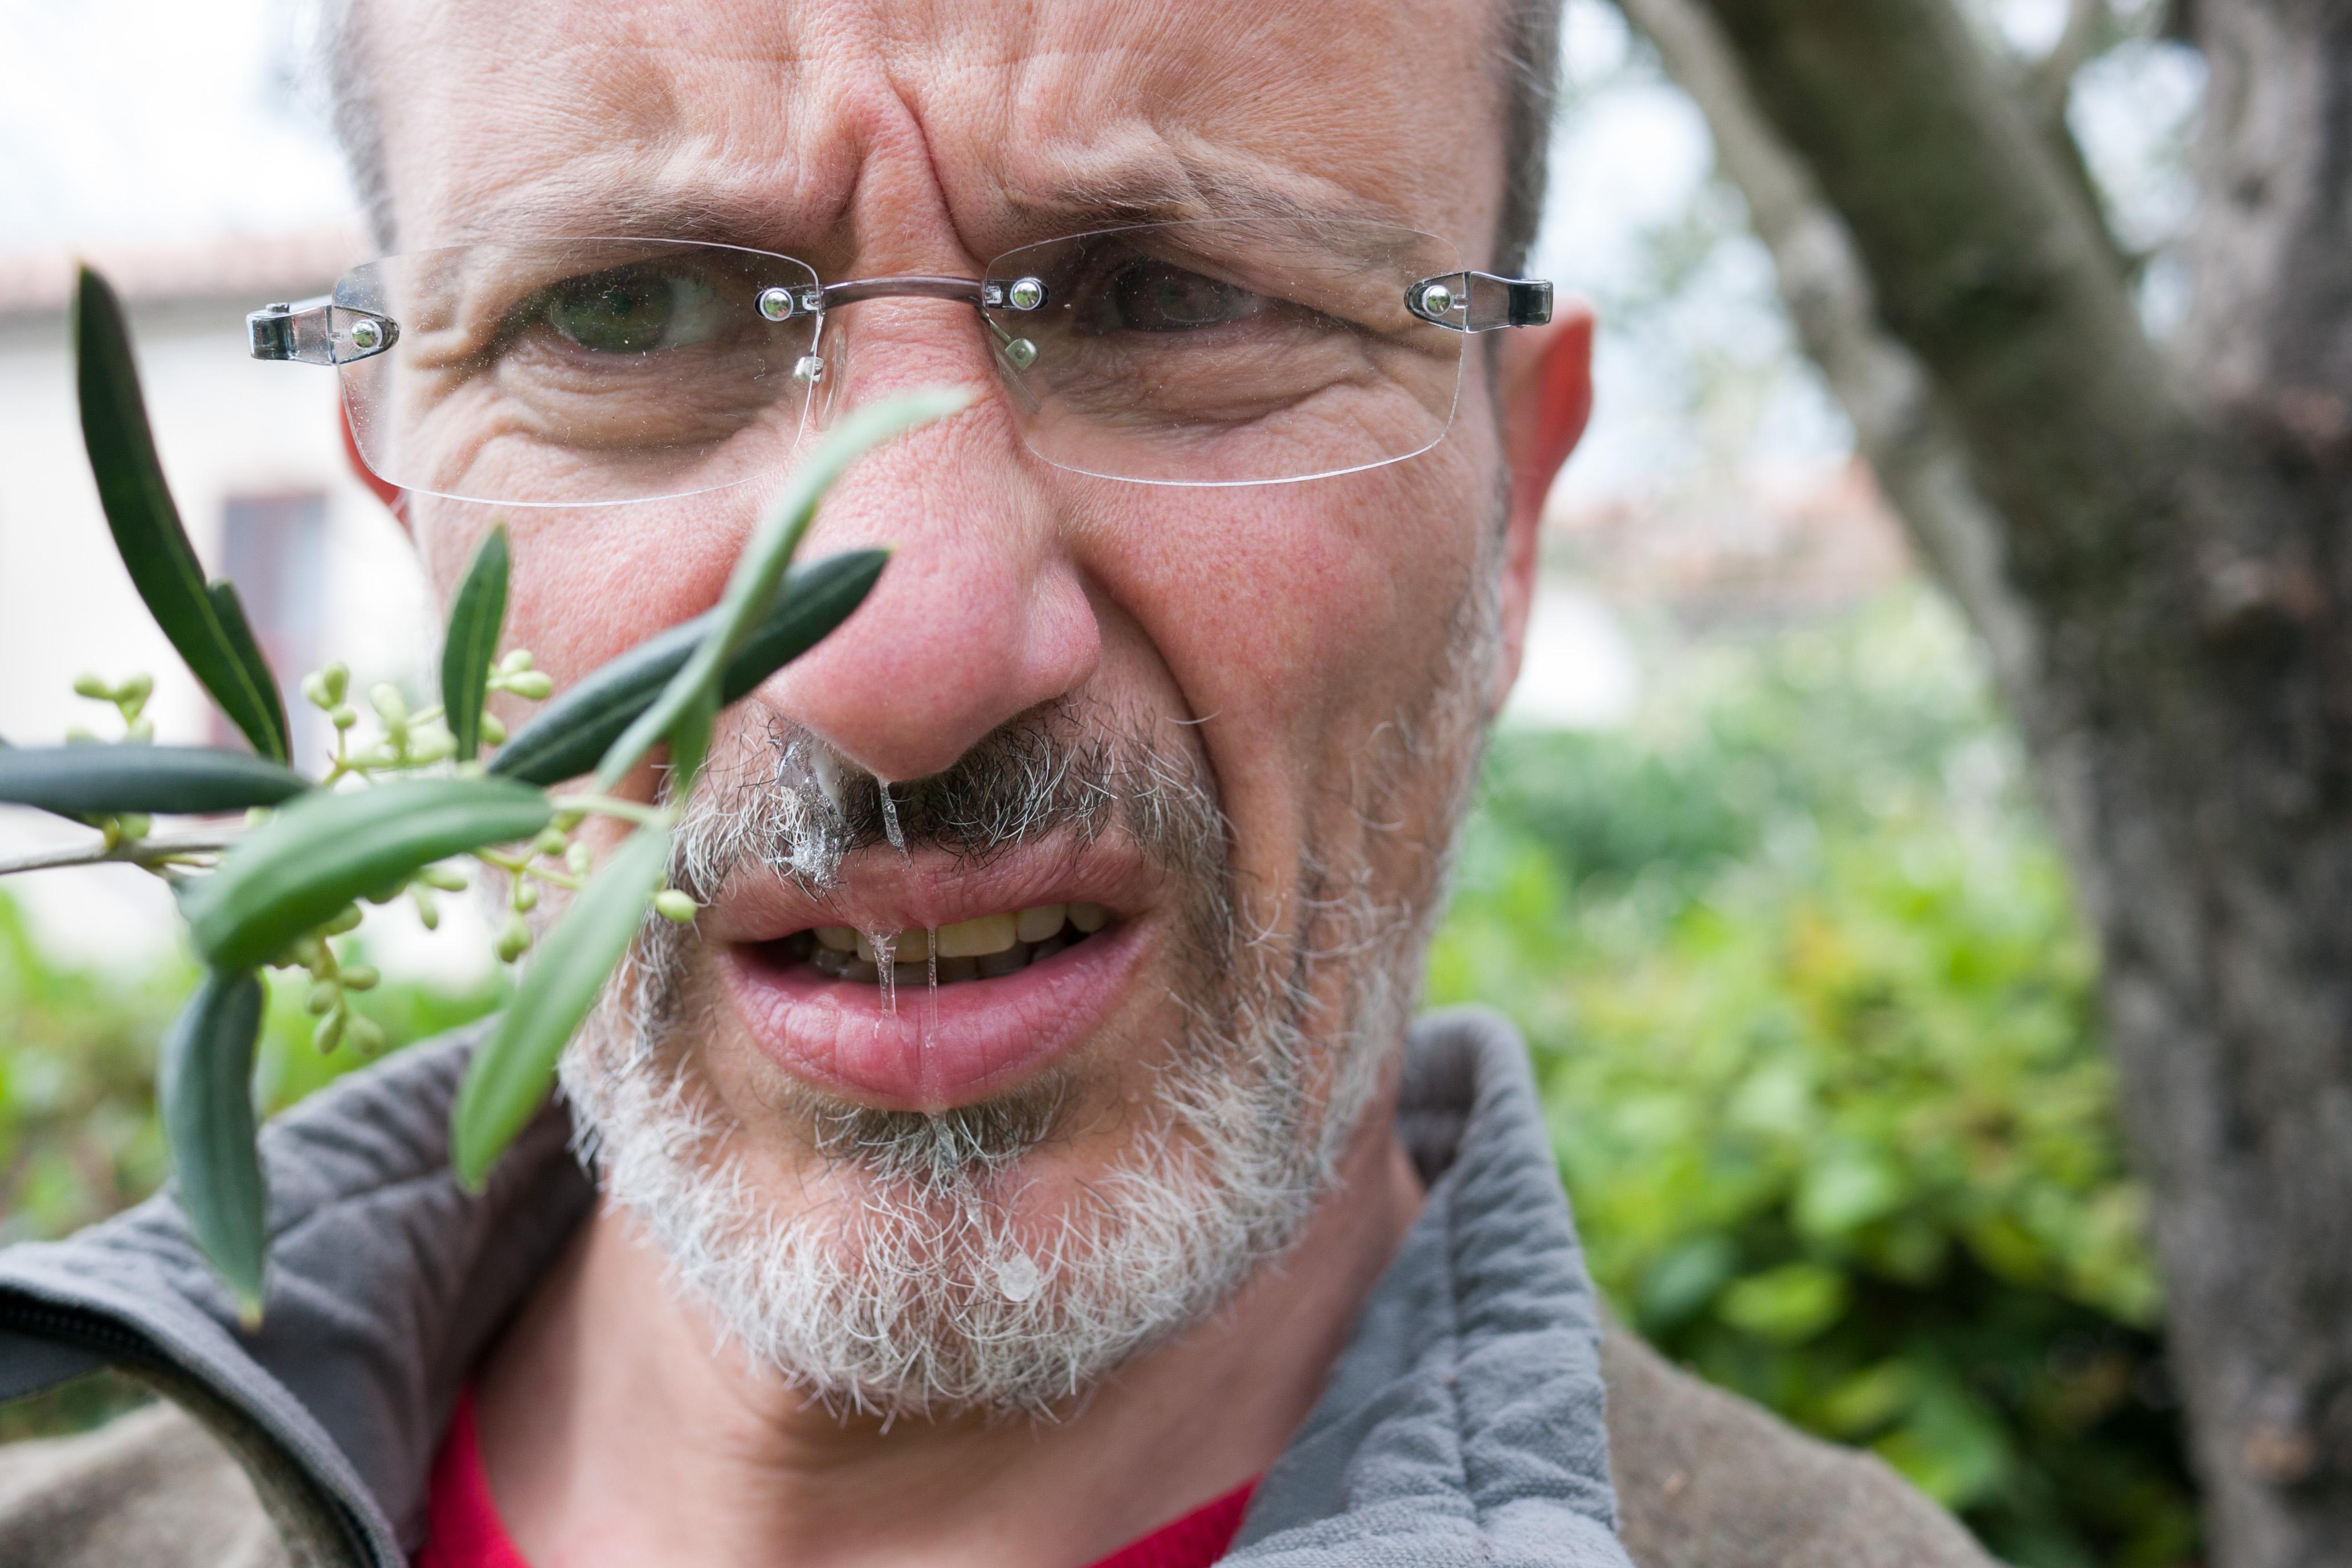 P…ns de fleurs d'olivier ! (photo Dan de Rosilles, réalisée sans trucage)